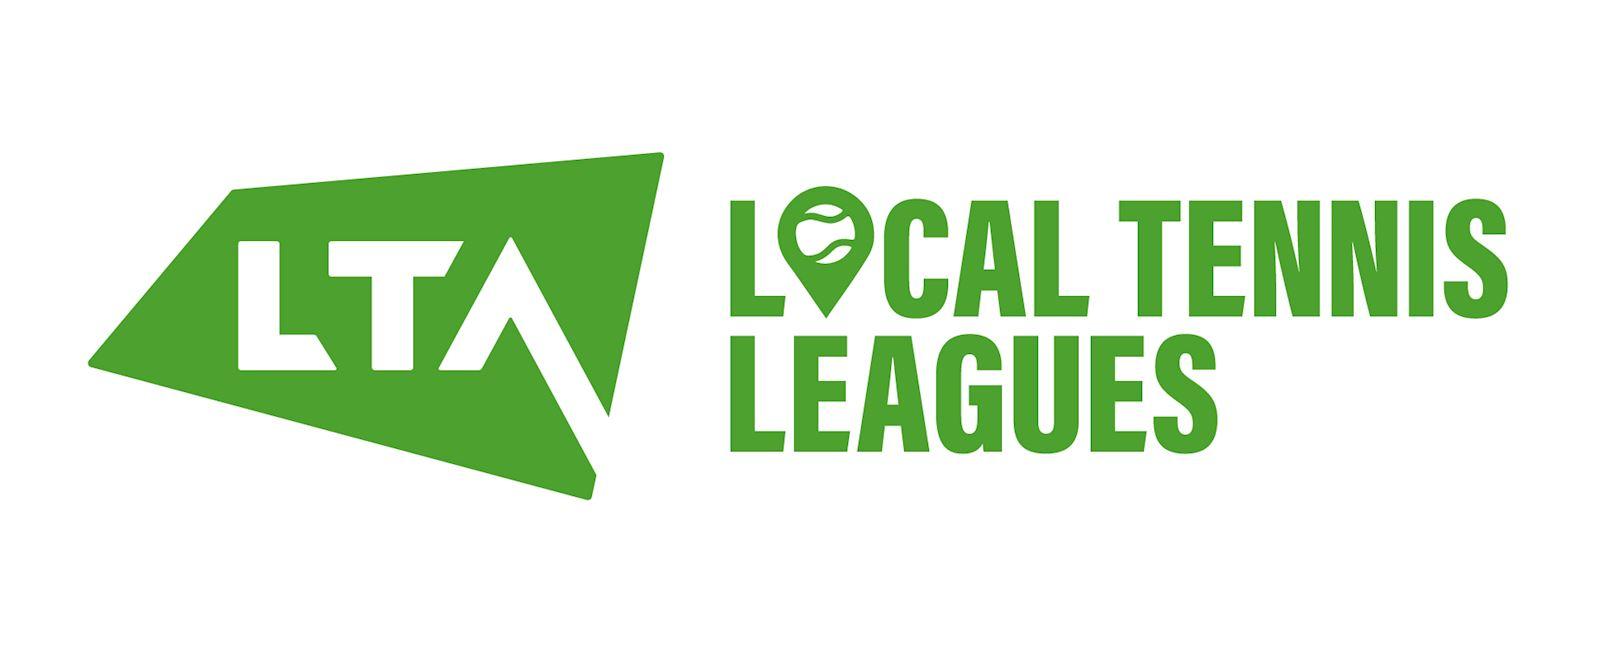 Local Tennis League